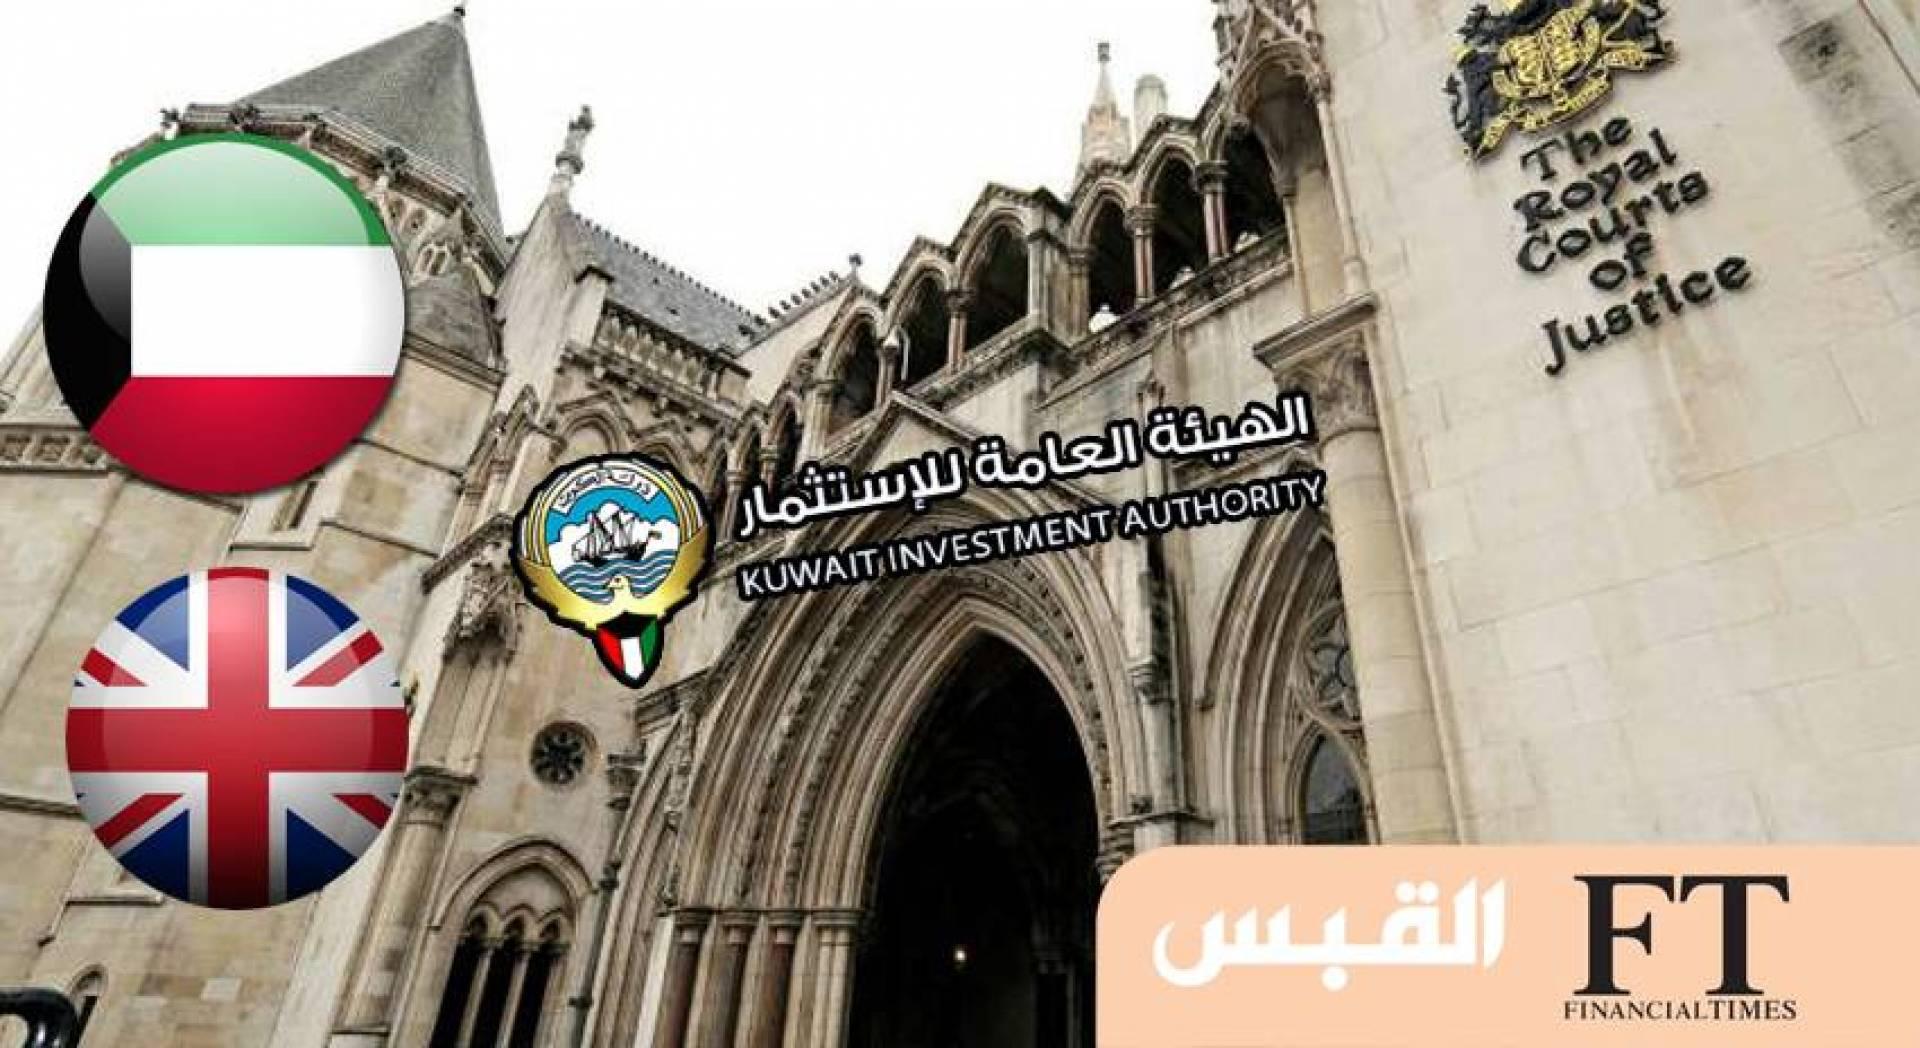 انتكاسة قانونية لمكتب الاستثمار الكويتي في لندن